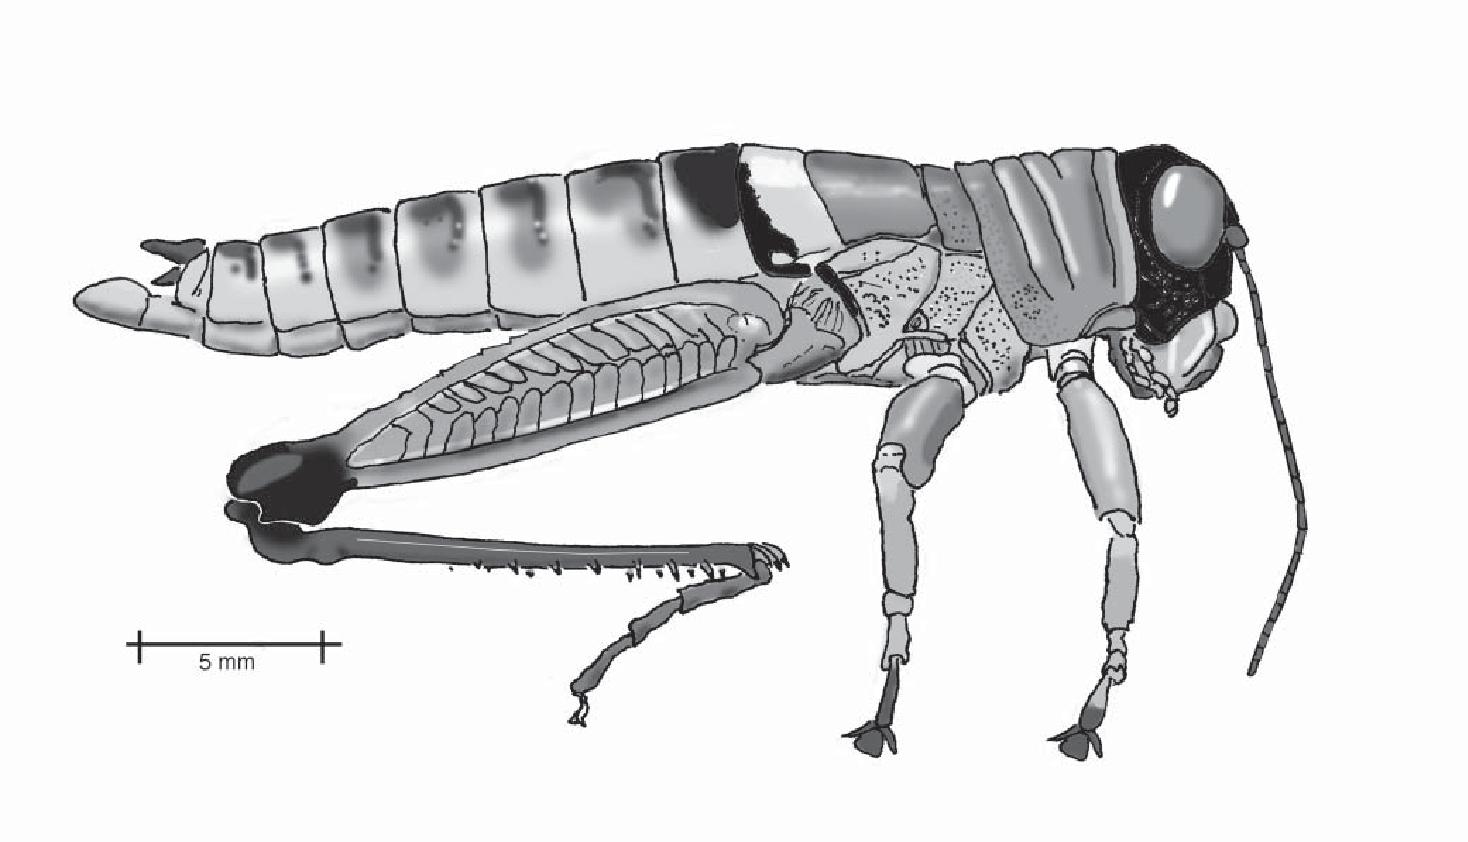 figure B16